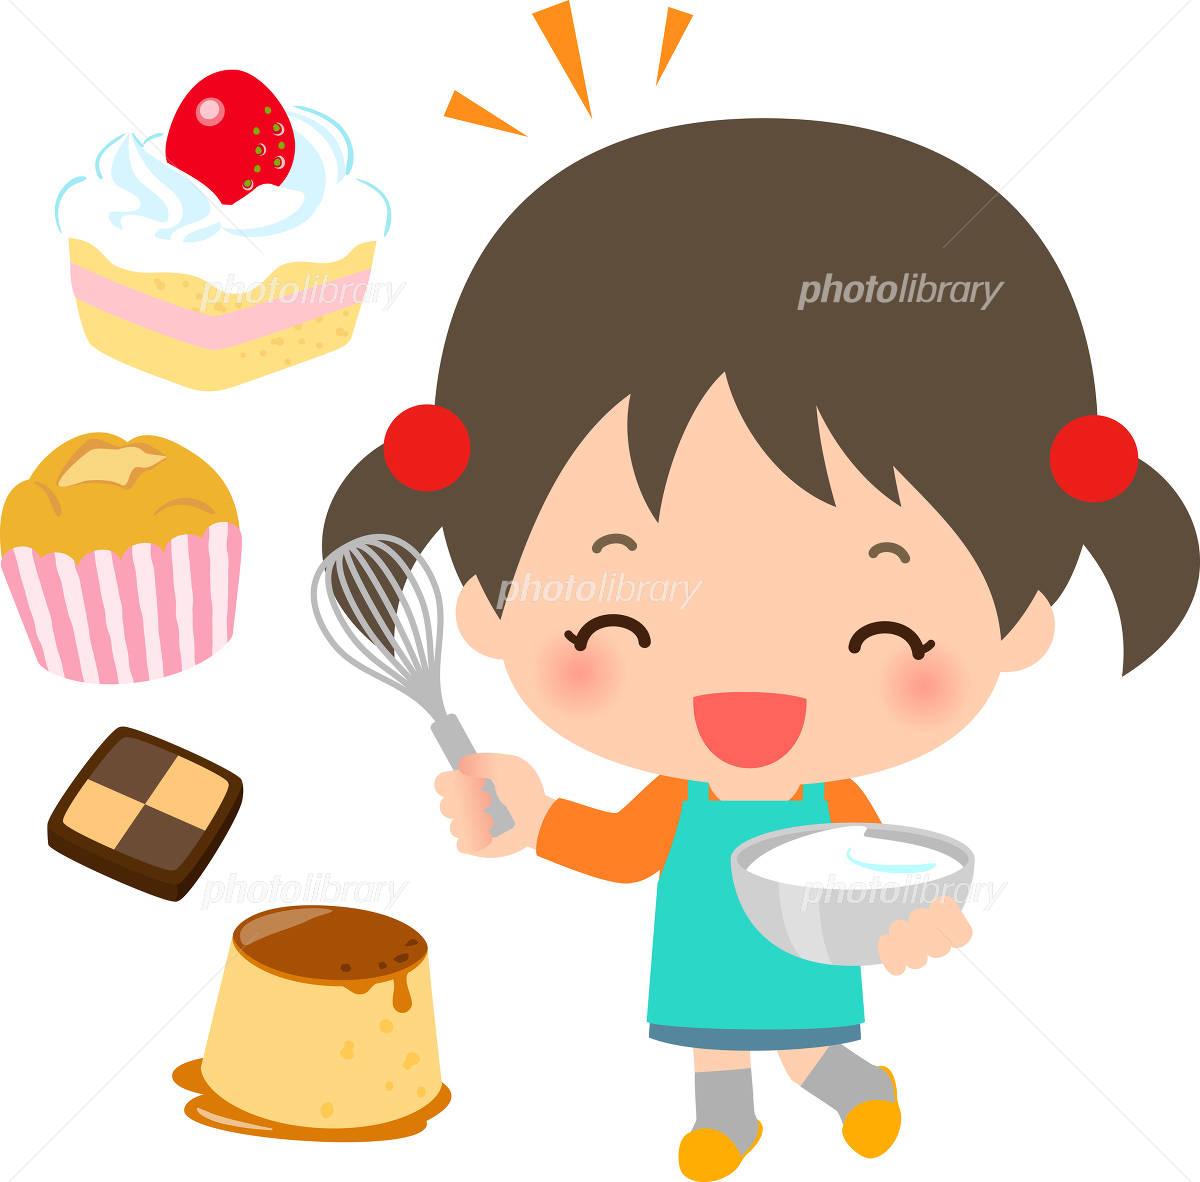 お菓子を作る笑顔の女の子 イラスト素材 4955371 フォトライブ